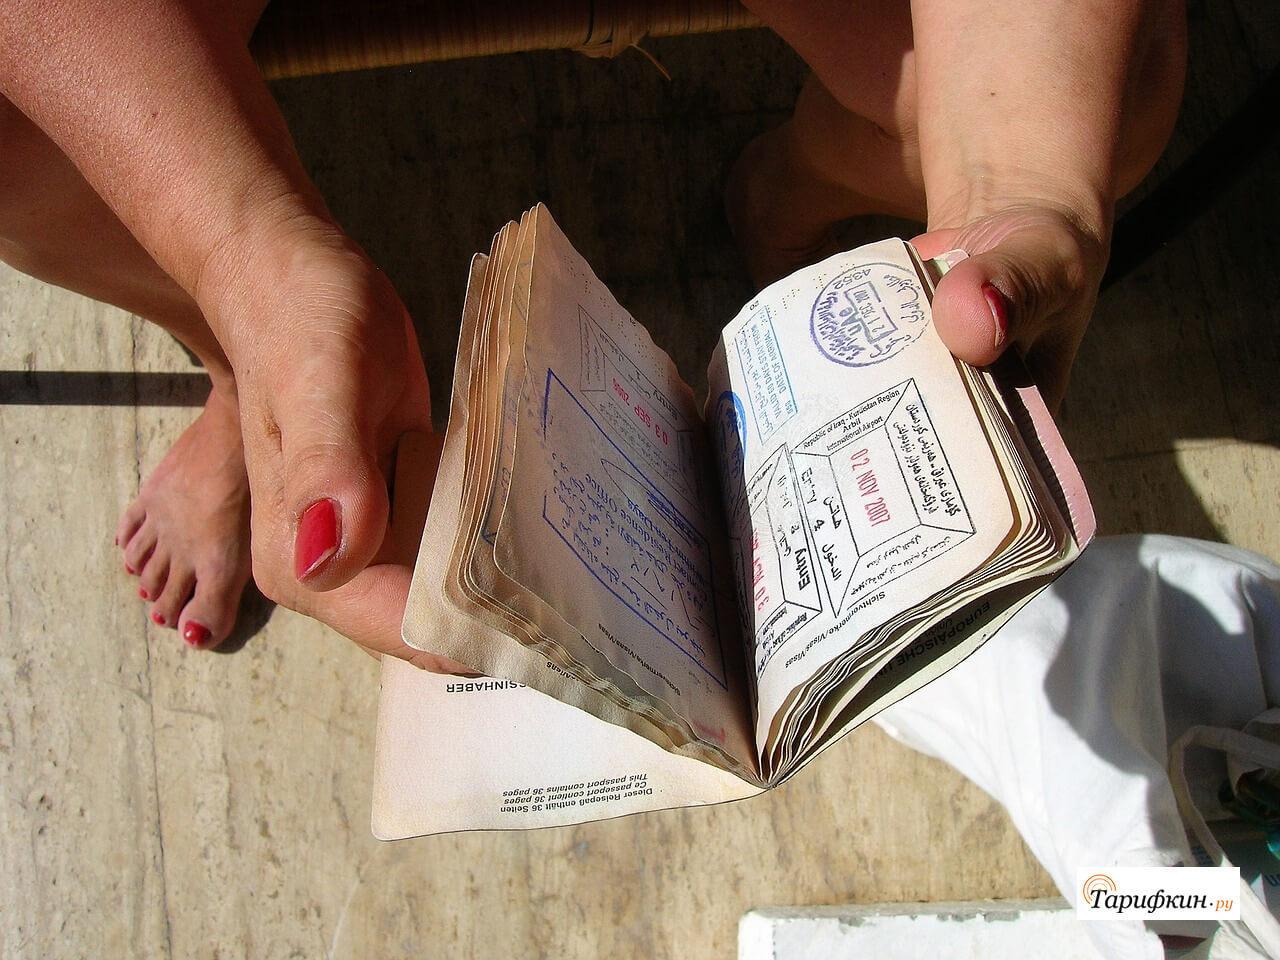 Сим-карты могут заменить паспорта – операторы заработают миллиарды